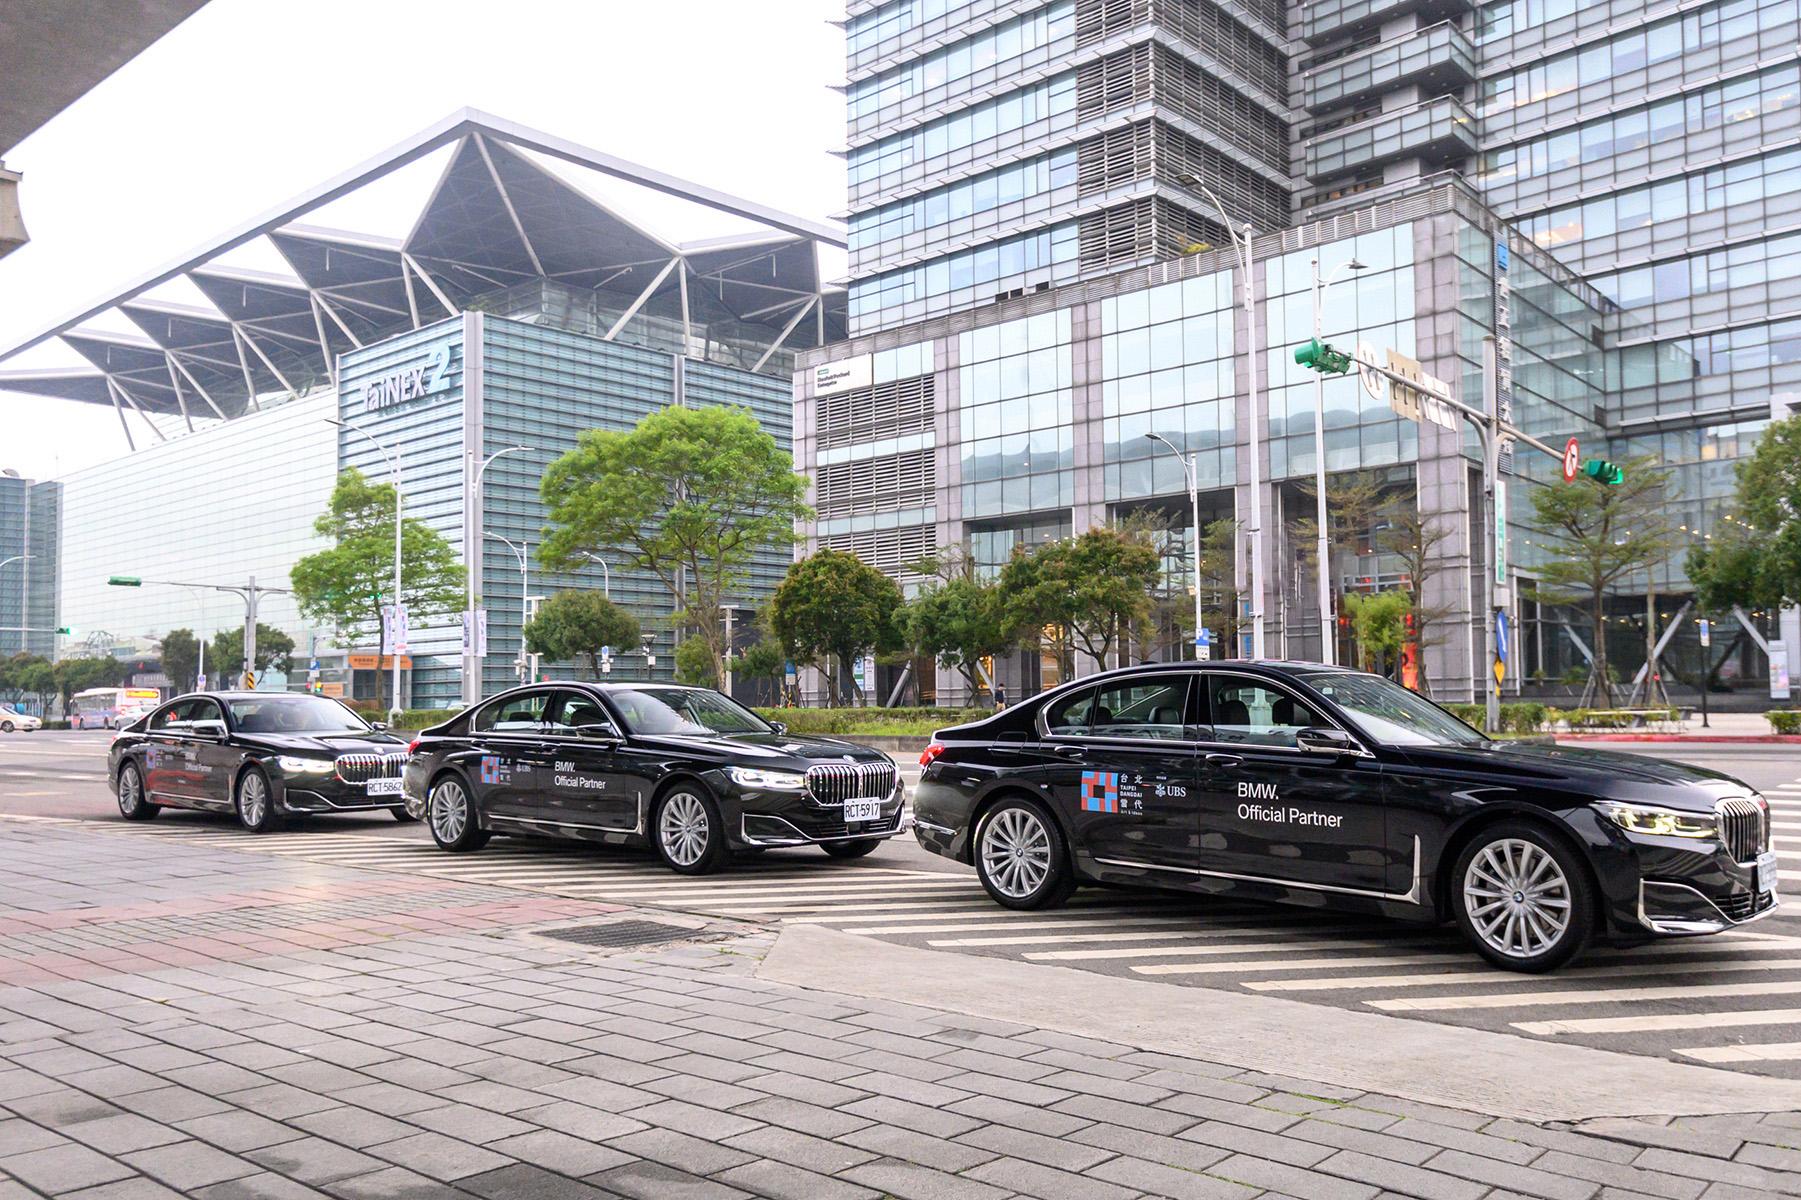 全新 BMW 7 系列成為台北當代藝術博覽會海內外貴賓指定用車。